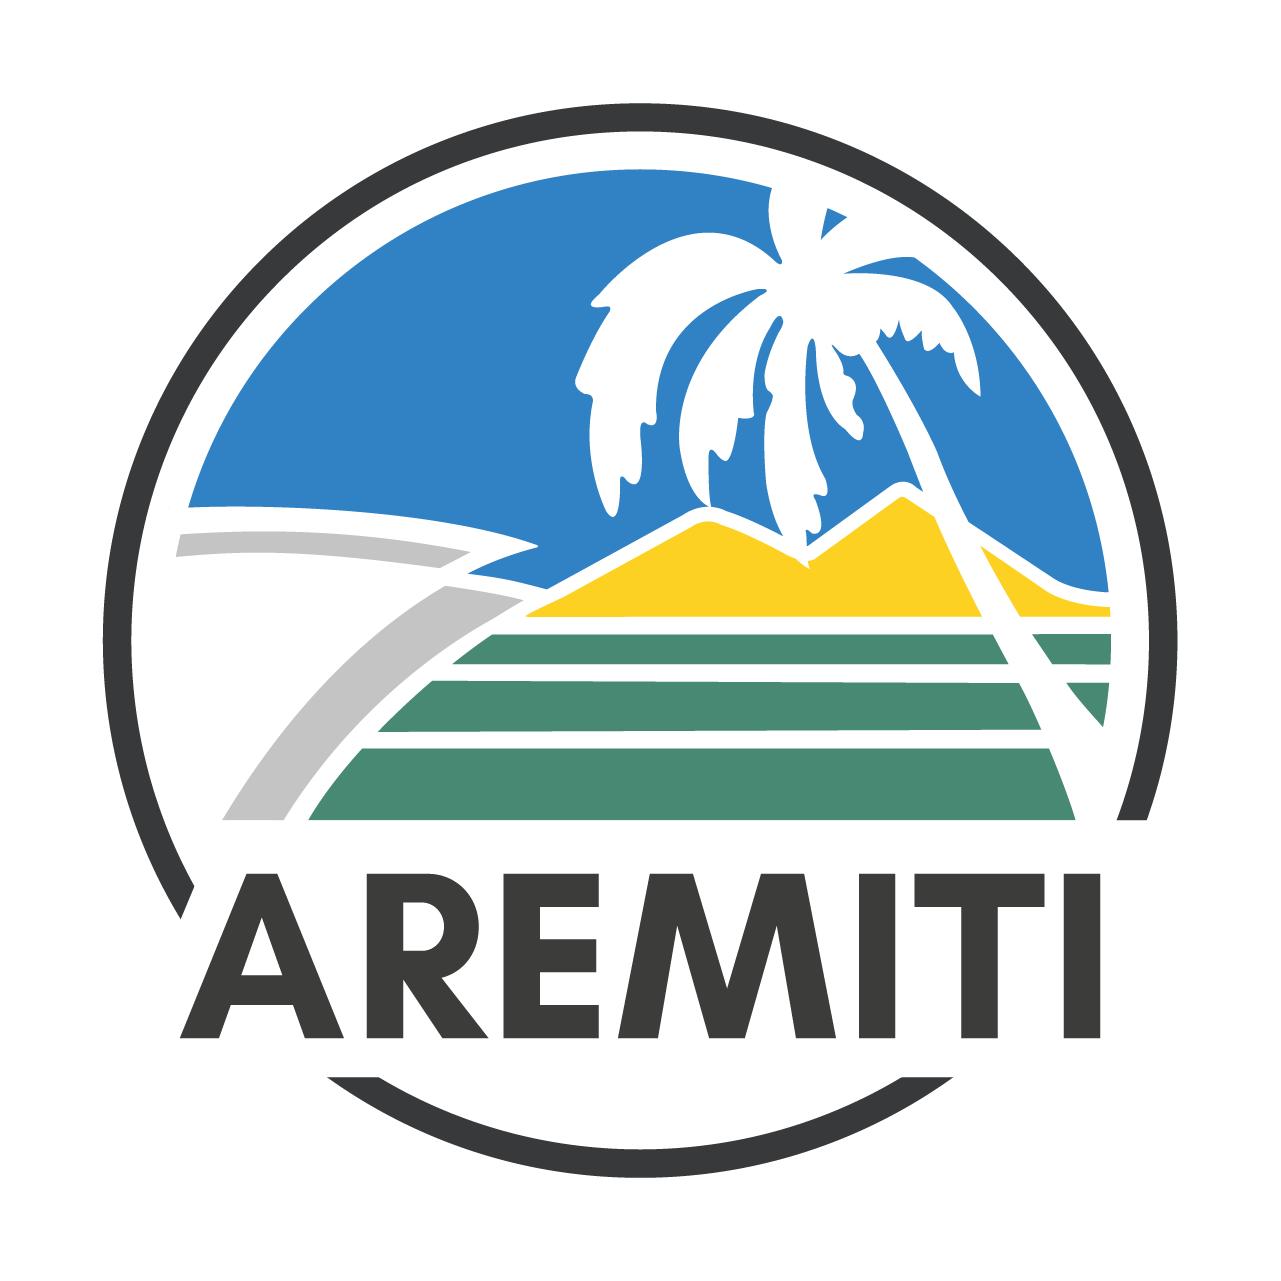 Aremiti Activite Touristique Bureau D Excursion